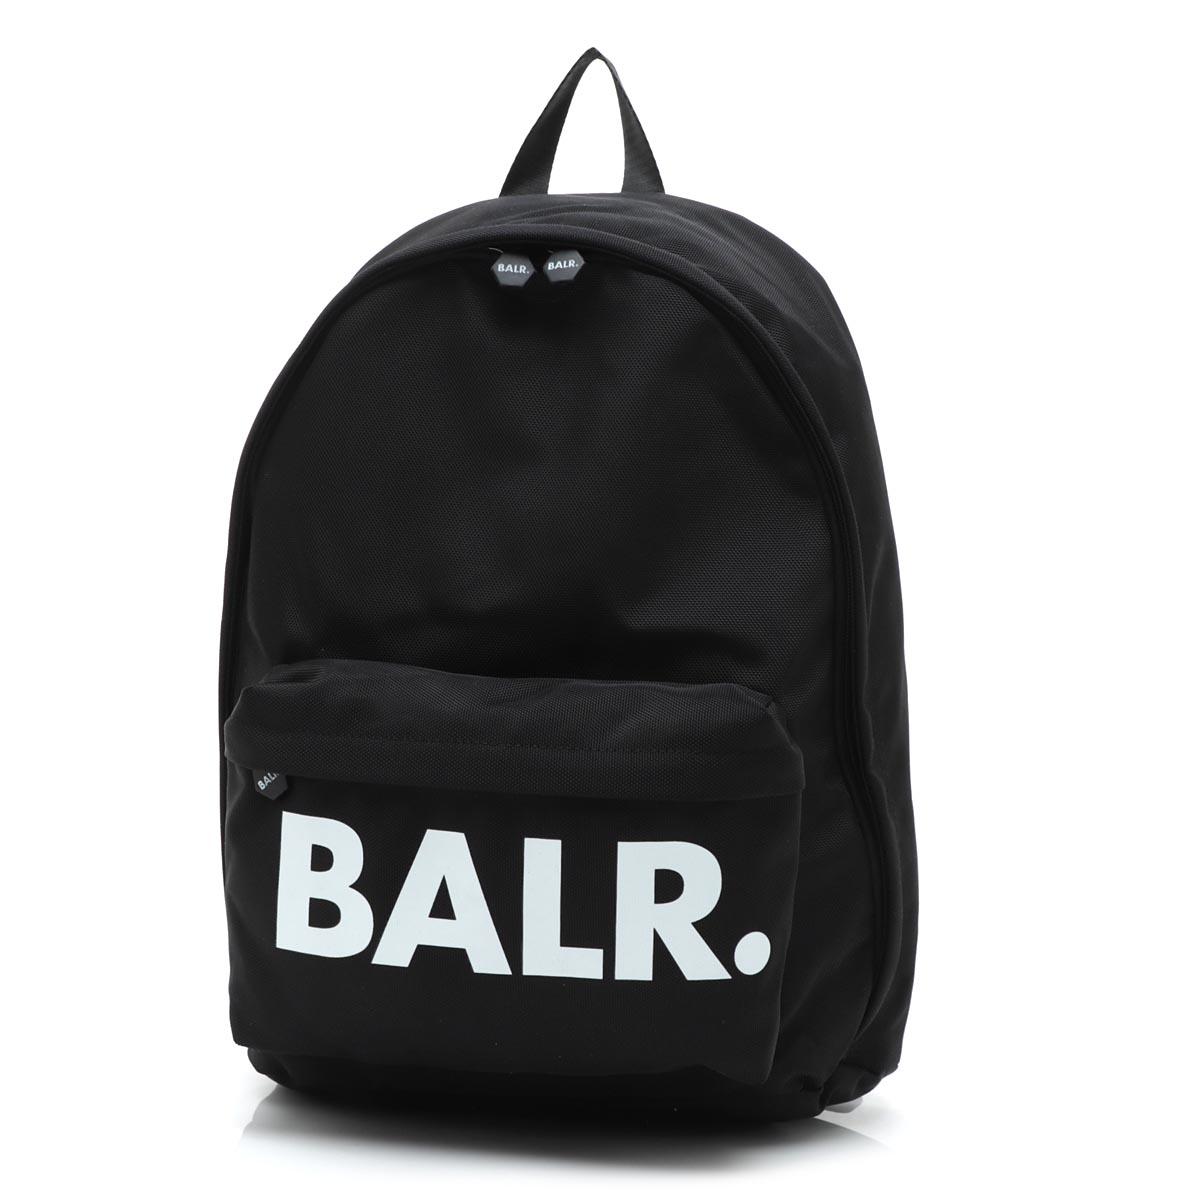 ボーラ― BALR. バックパック リュック ブラック メンズ ギフト プレゼント u series classic backpack black【あす楽対応_関東】【返品送料無料】【ラッピング無料】